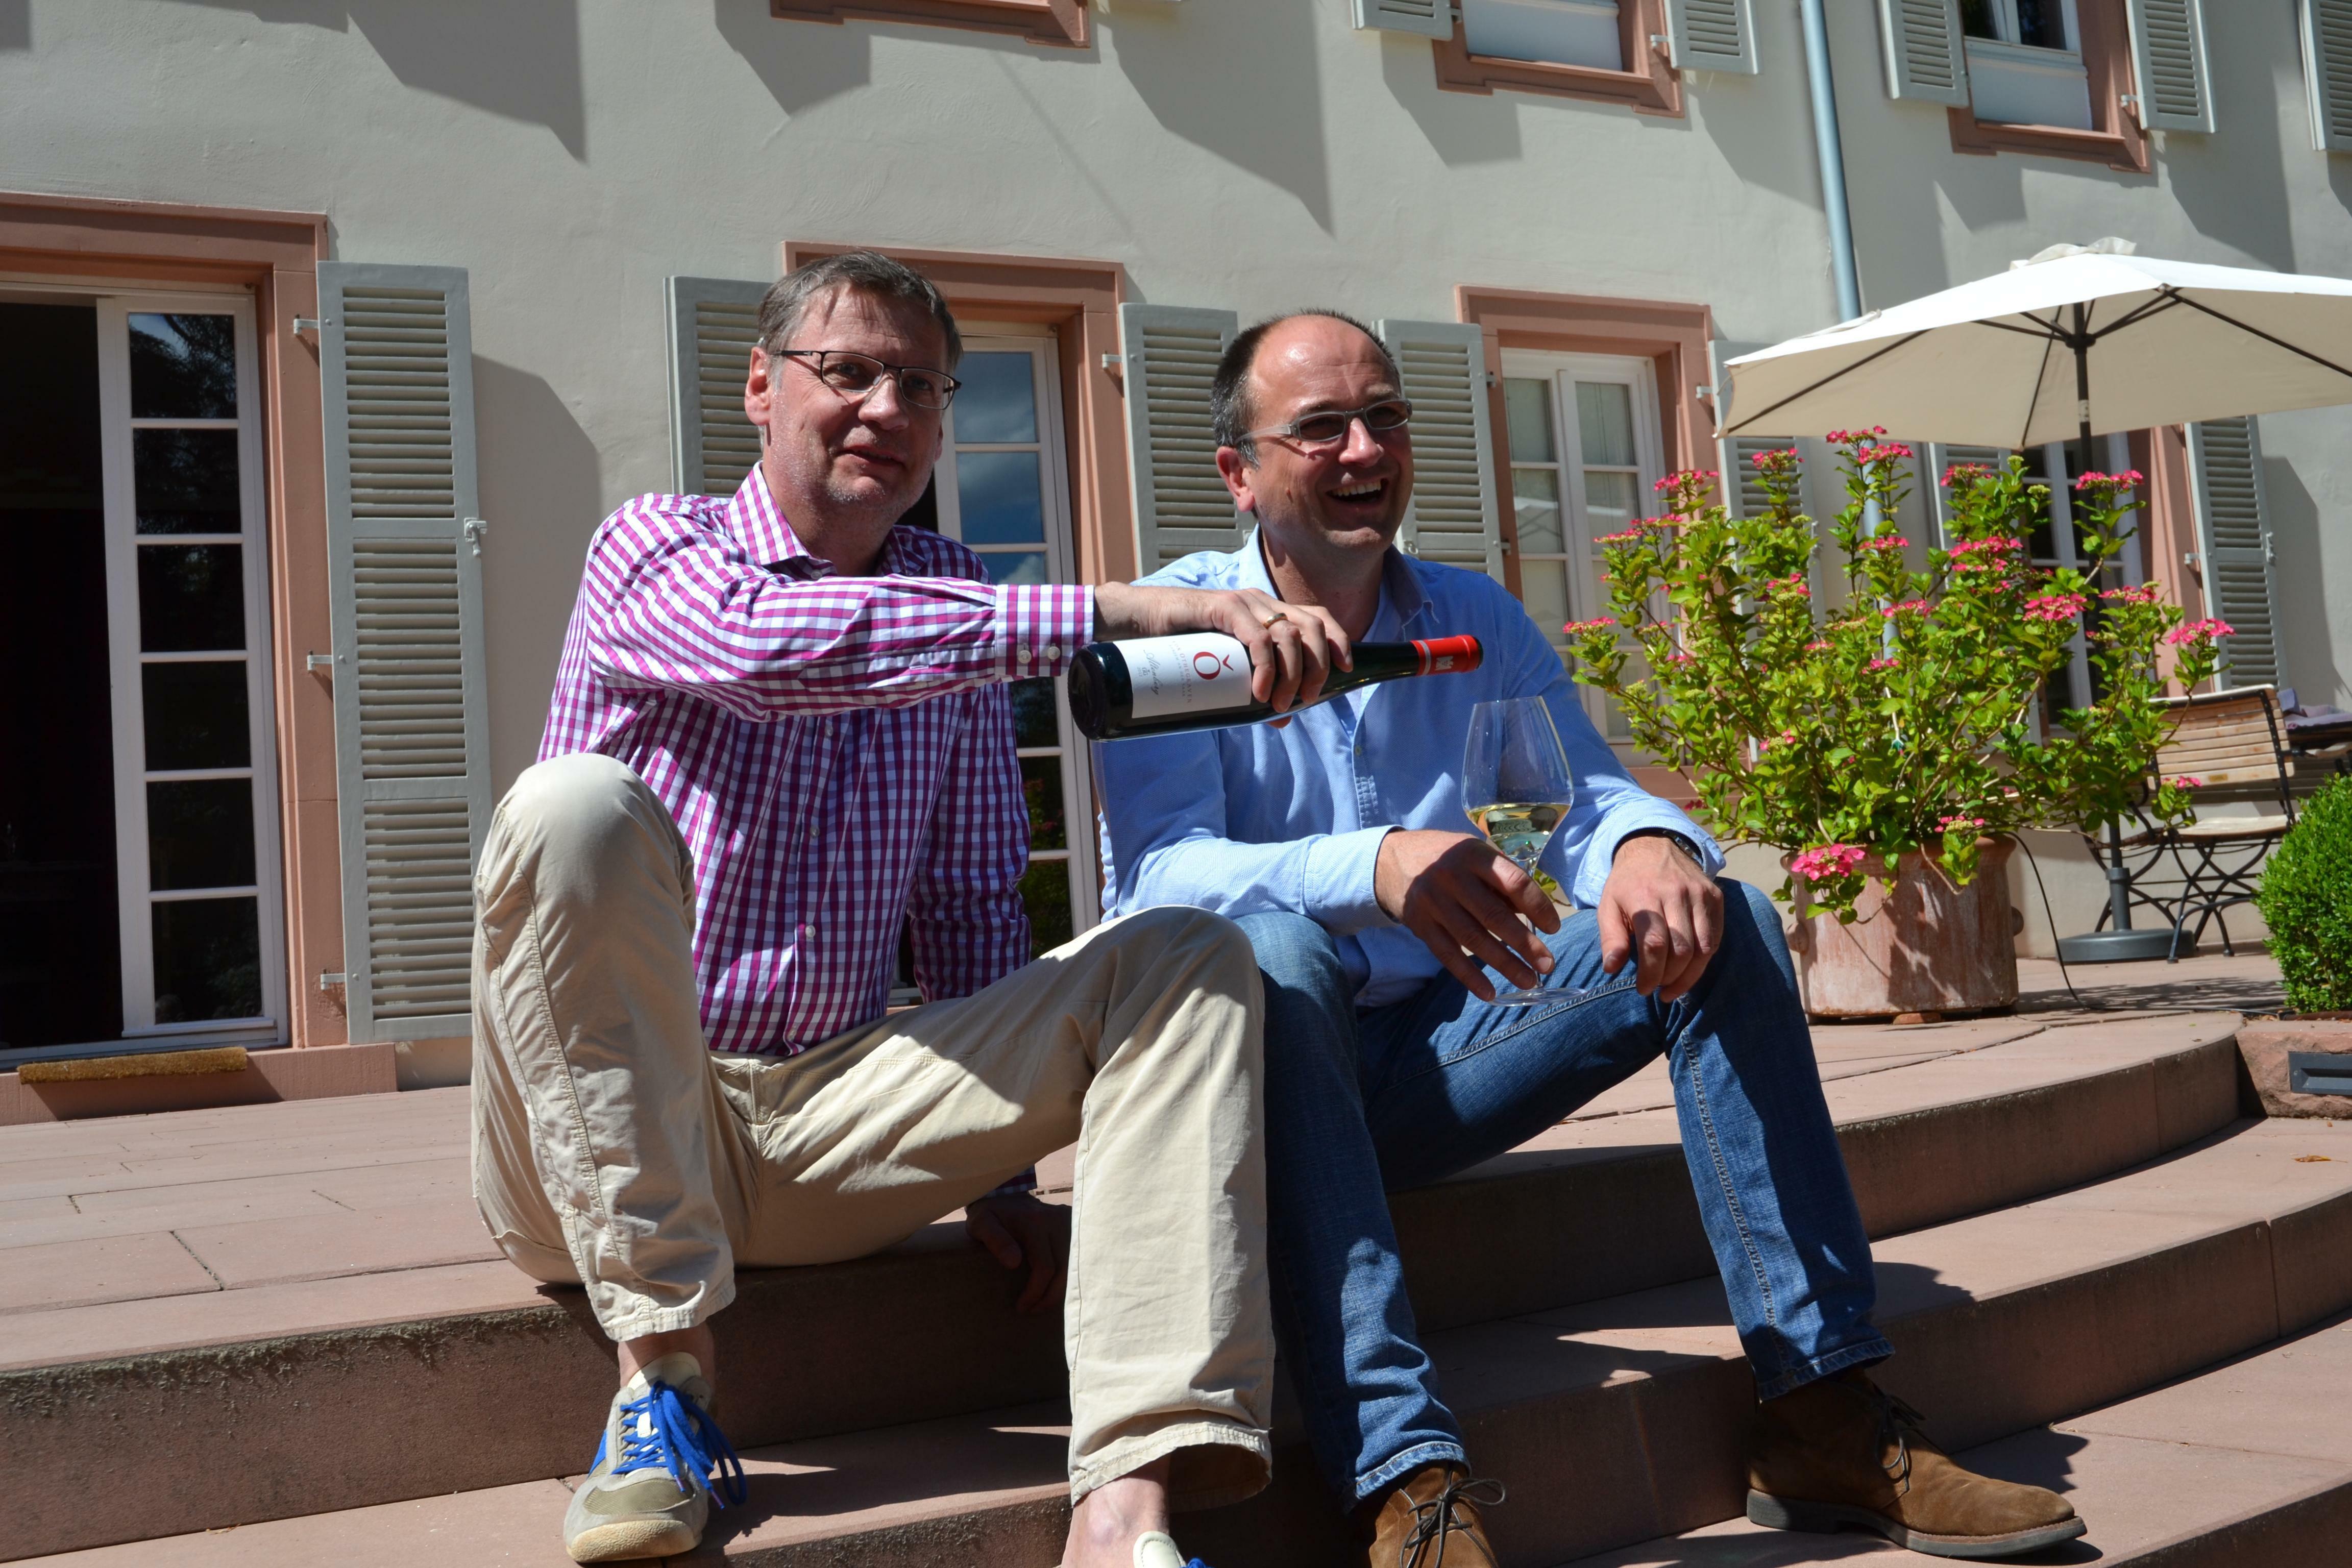 Aldi Verkauft Ab Montag Günther Jauch Wein